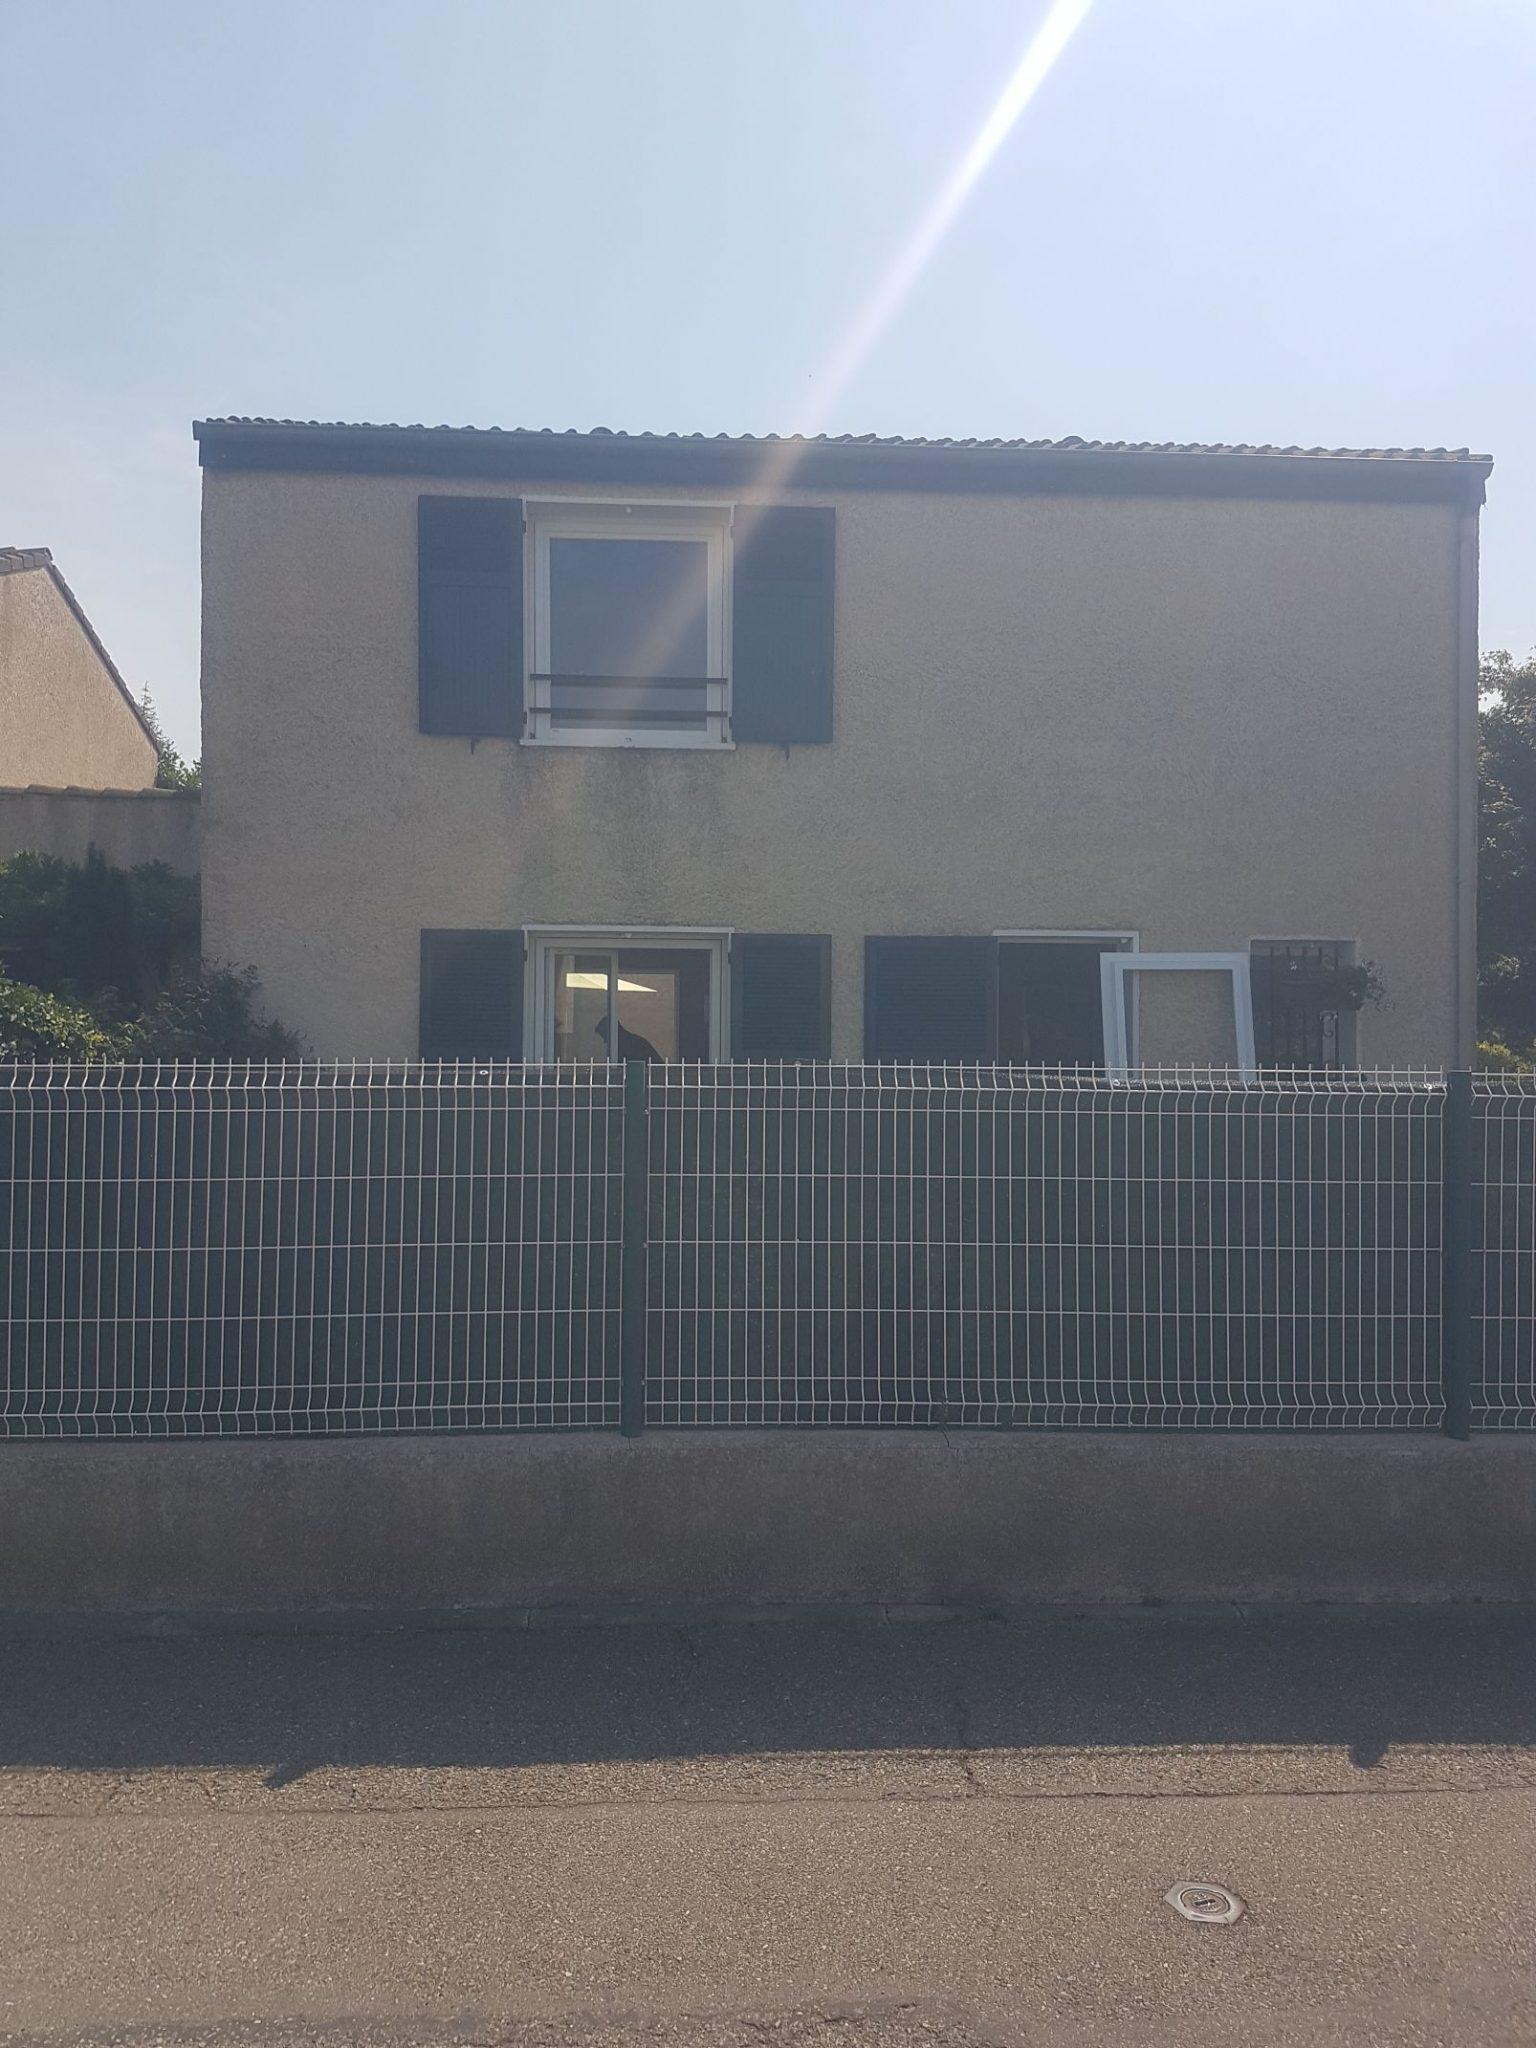 Fenêtres PVC blanc INTERNORM3 - Nouveau chantier pour GCDH